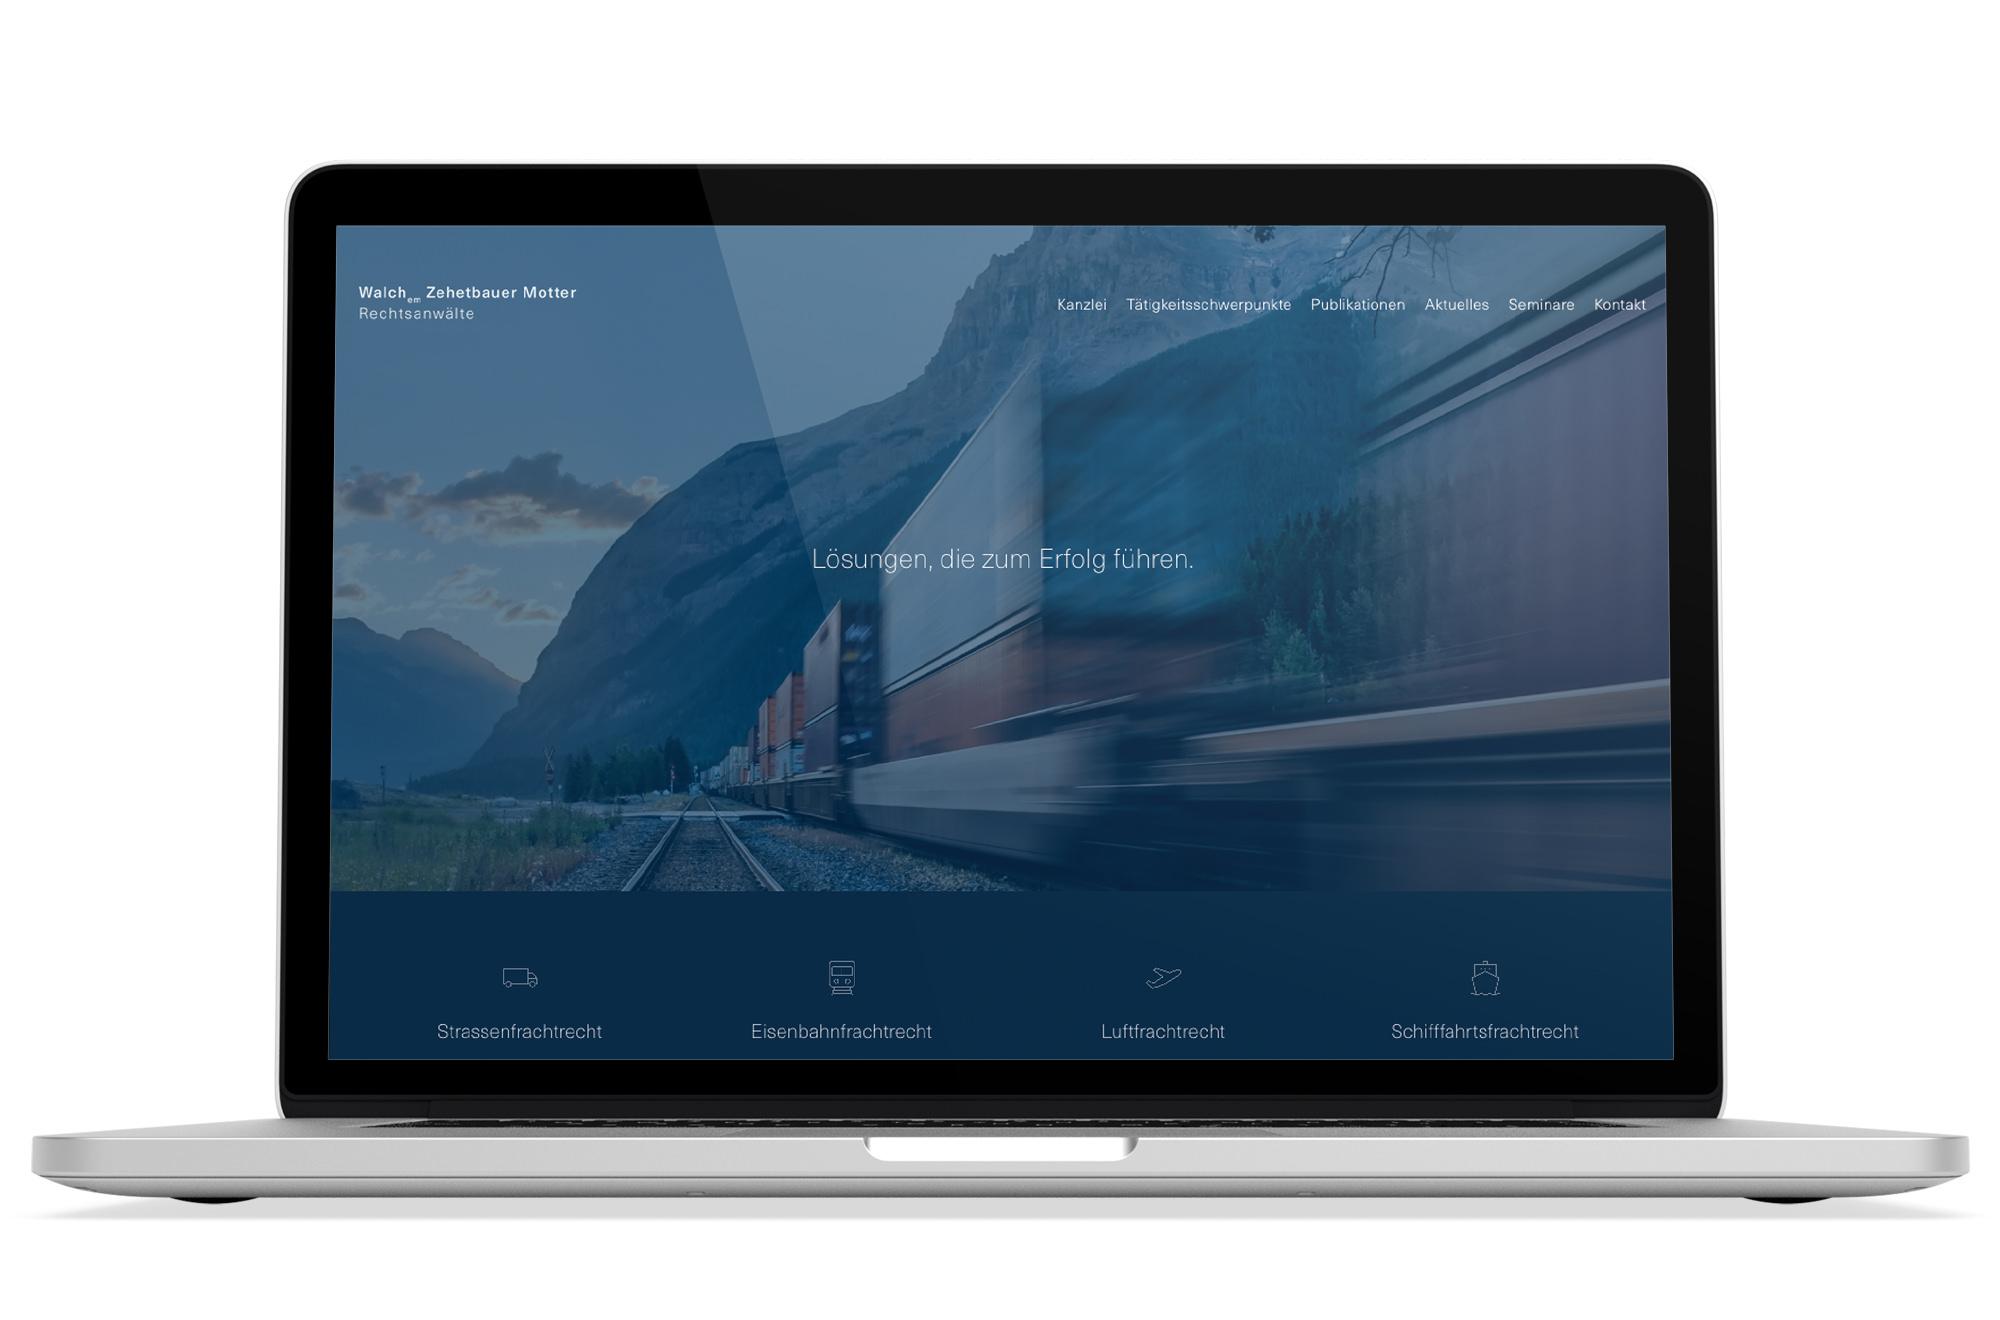 Webdesign Beispiel: Responsive Webdesign, WordPress für Anwalt für Transportrecht in Wien